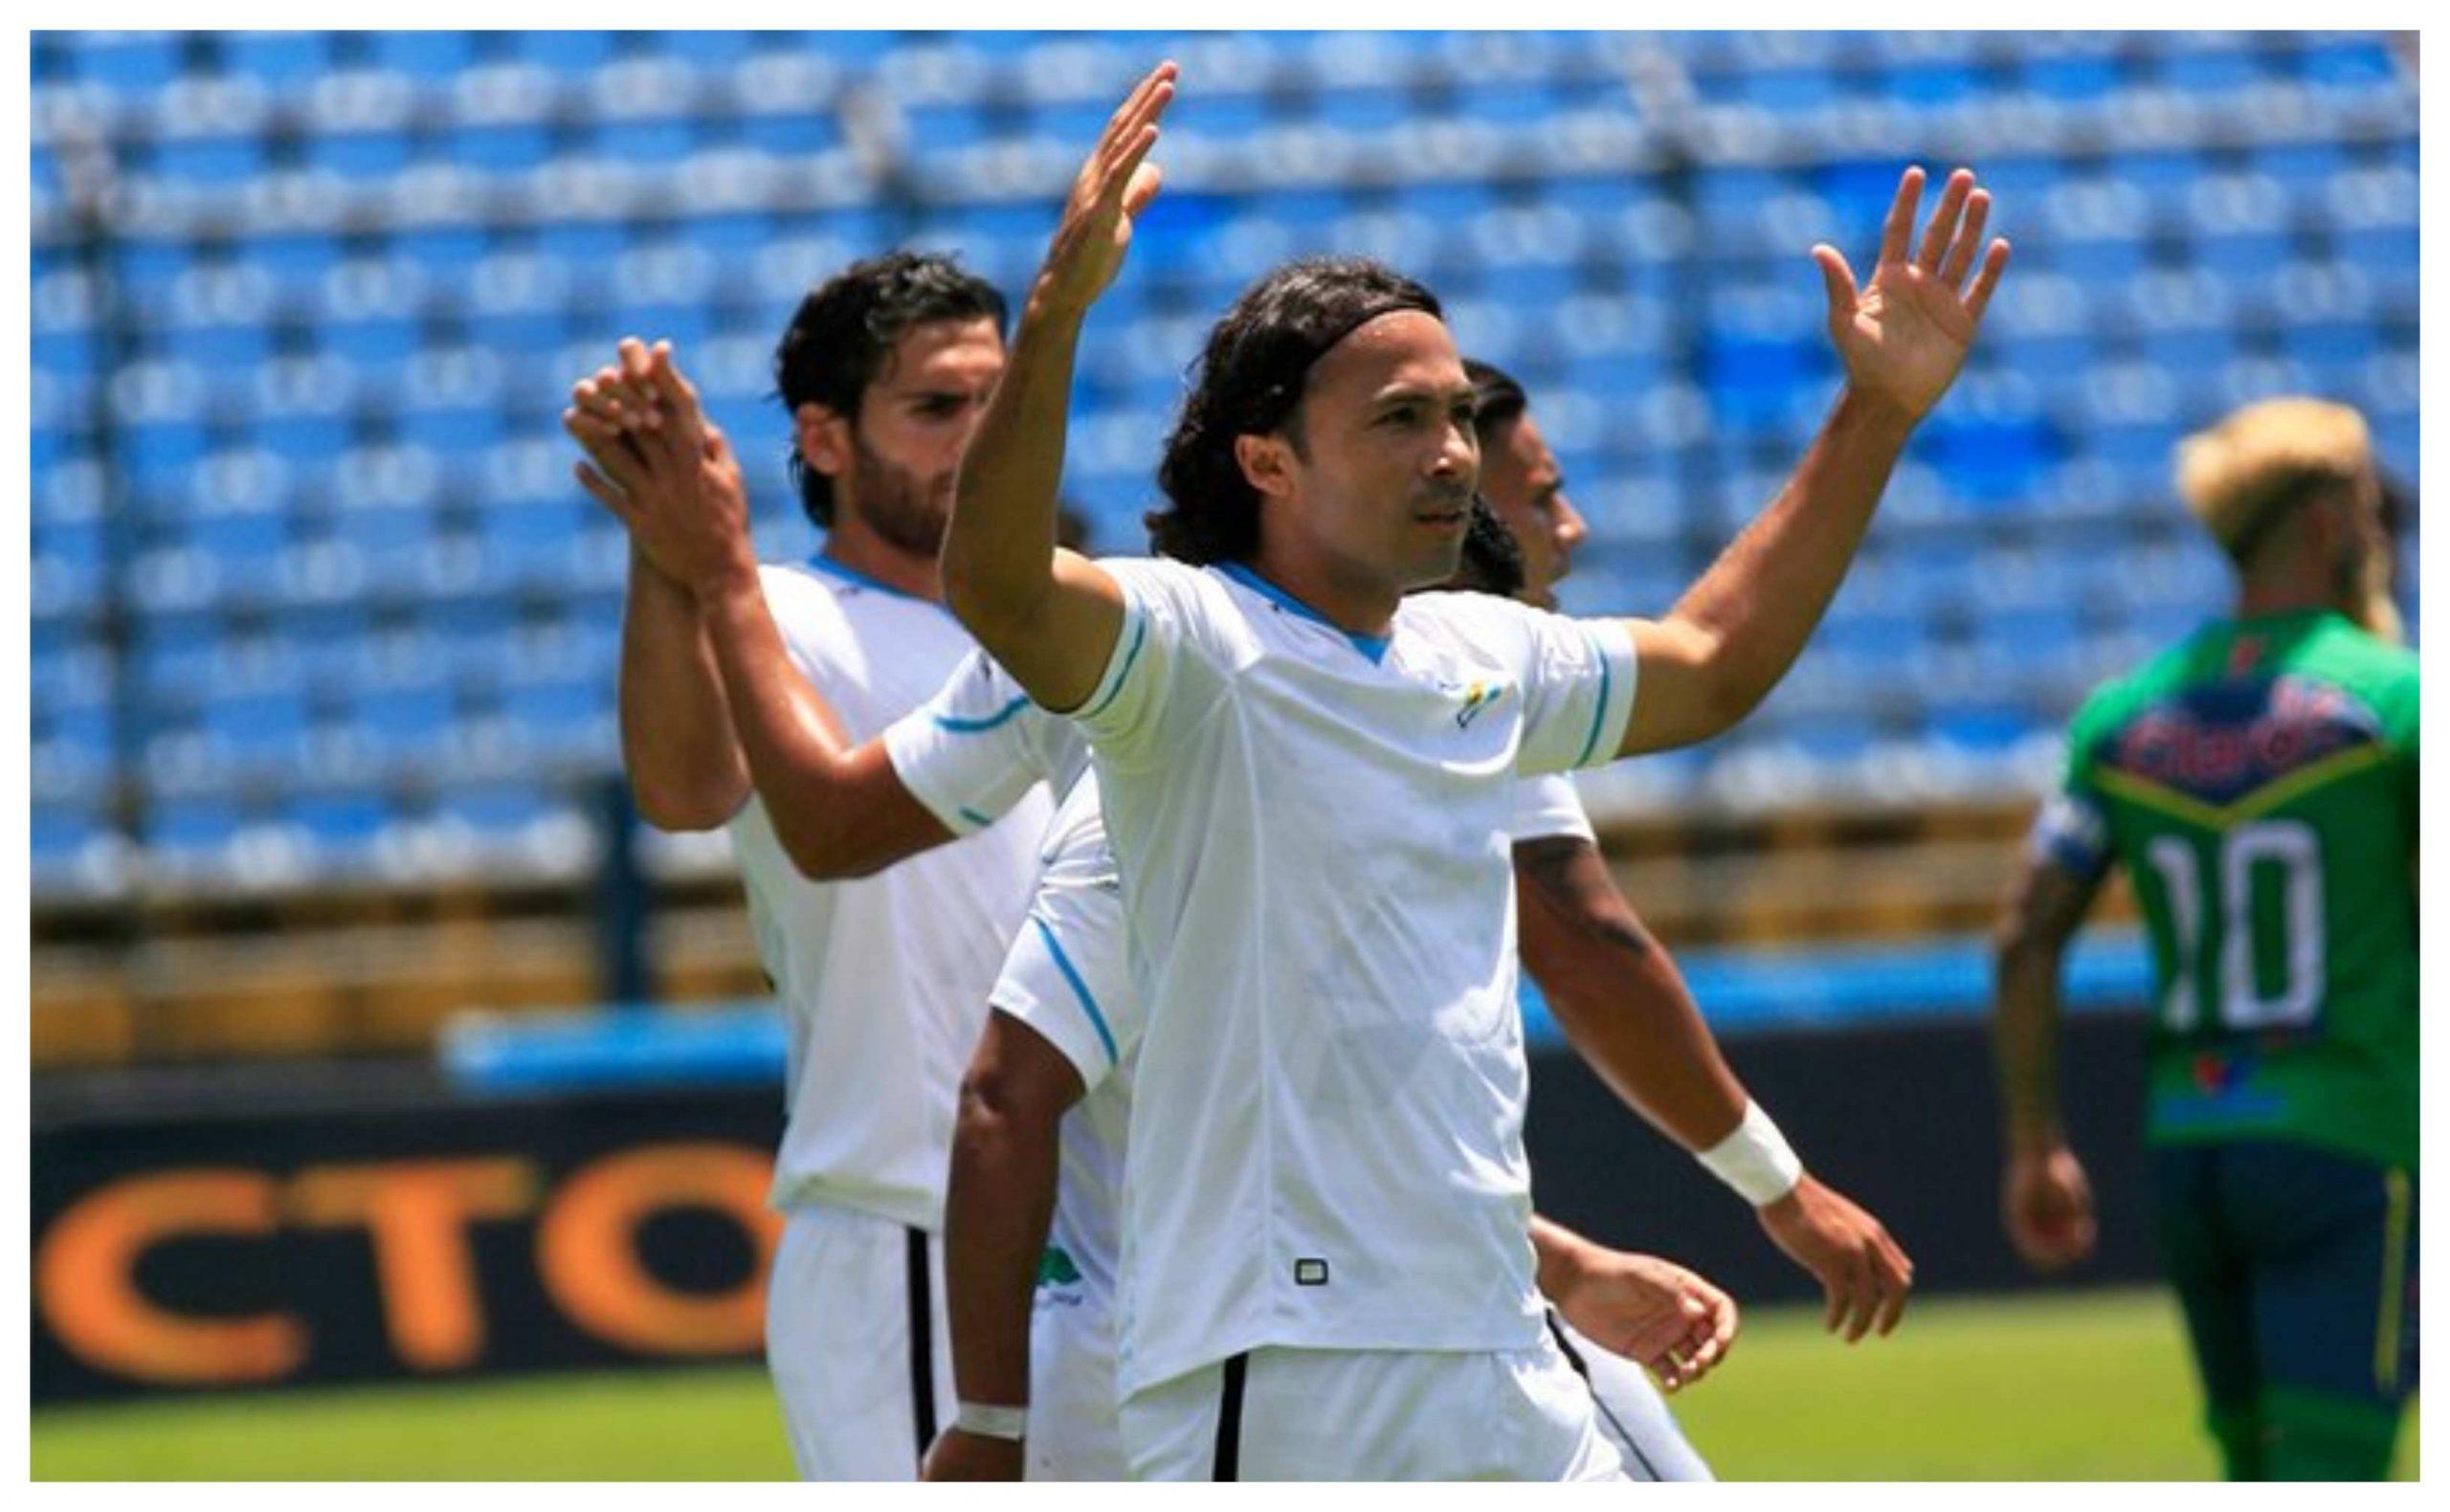 Comunicaciones superó a Santa Lucía Cotzumalguapa en el estadio Doroteo Guamuch Flores, con un doblete de Agustín Herrera. (Foto: Comunicaciones FC)